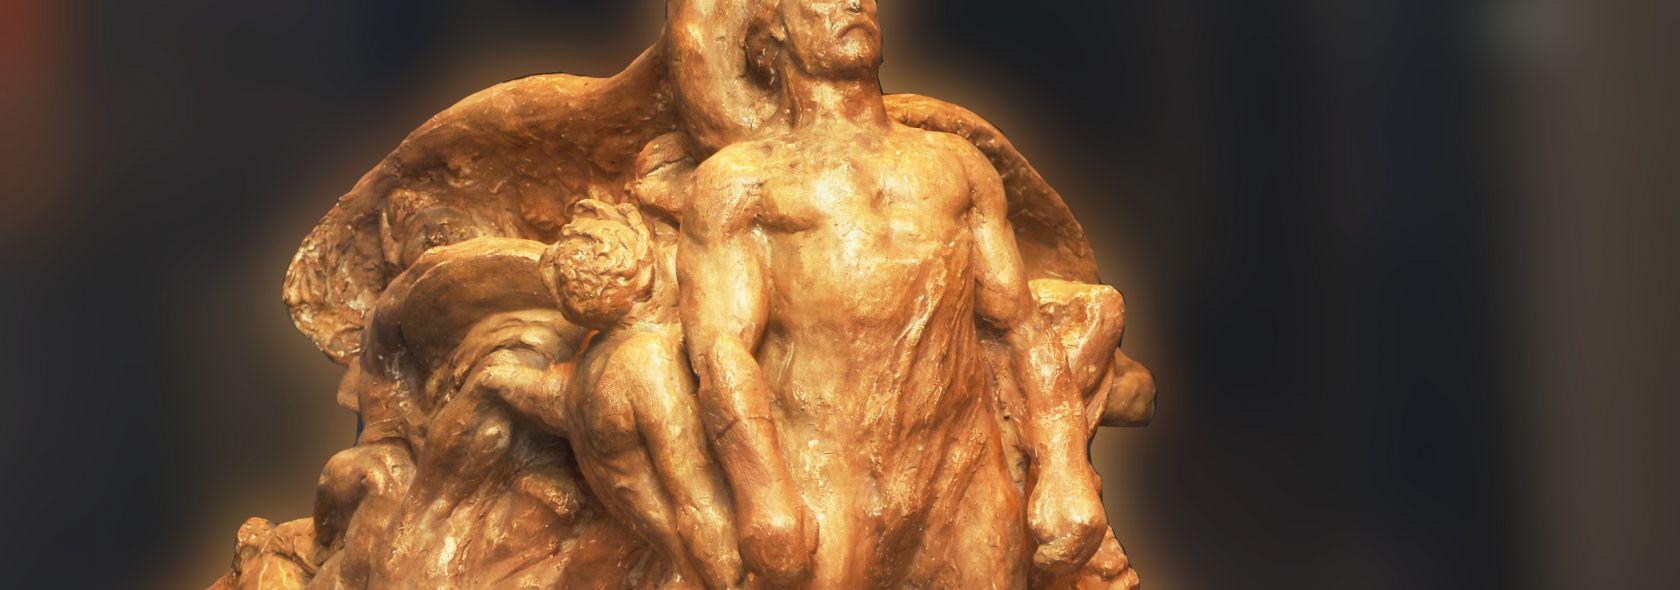 Museo del Risorgimento, bozzetto in gesso del Monumeto ai Mille di Eugenio Baron